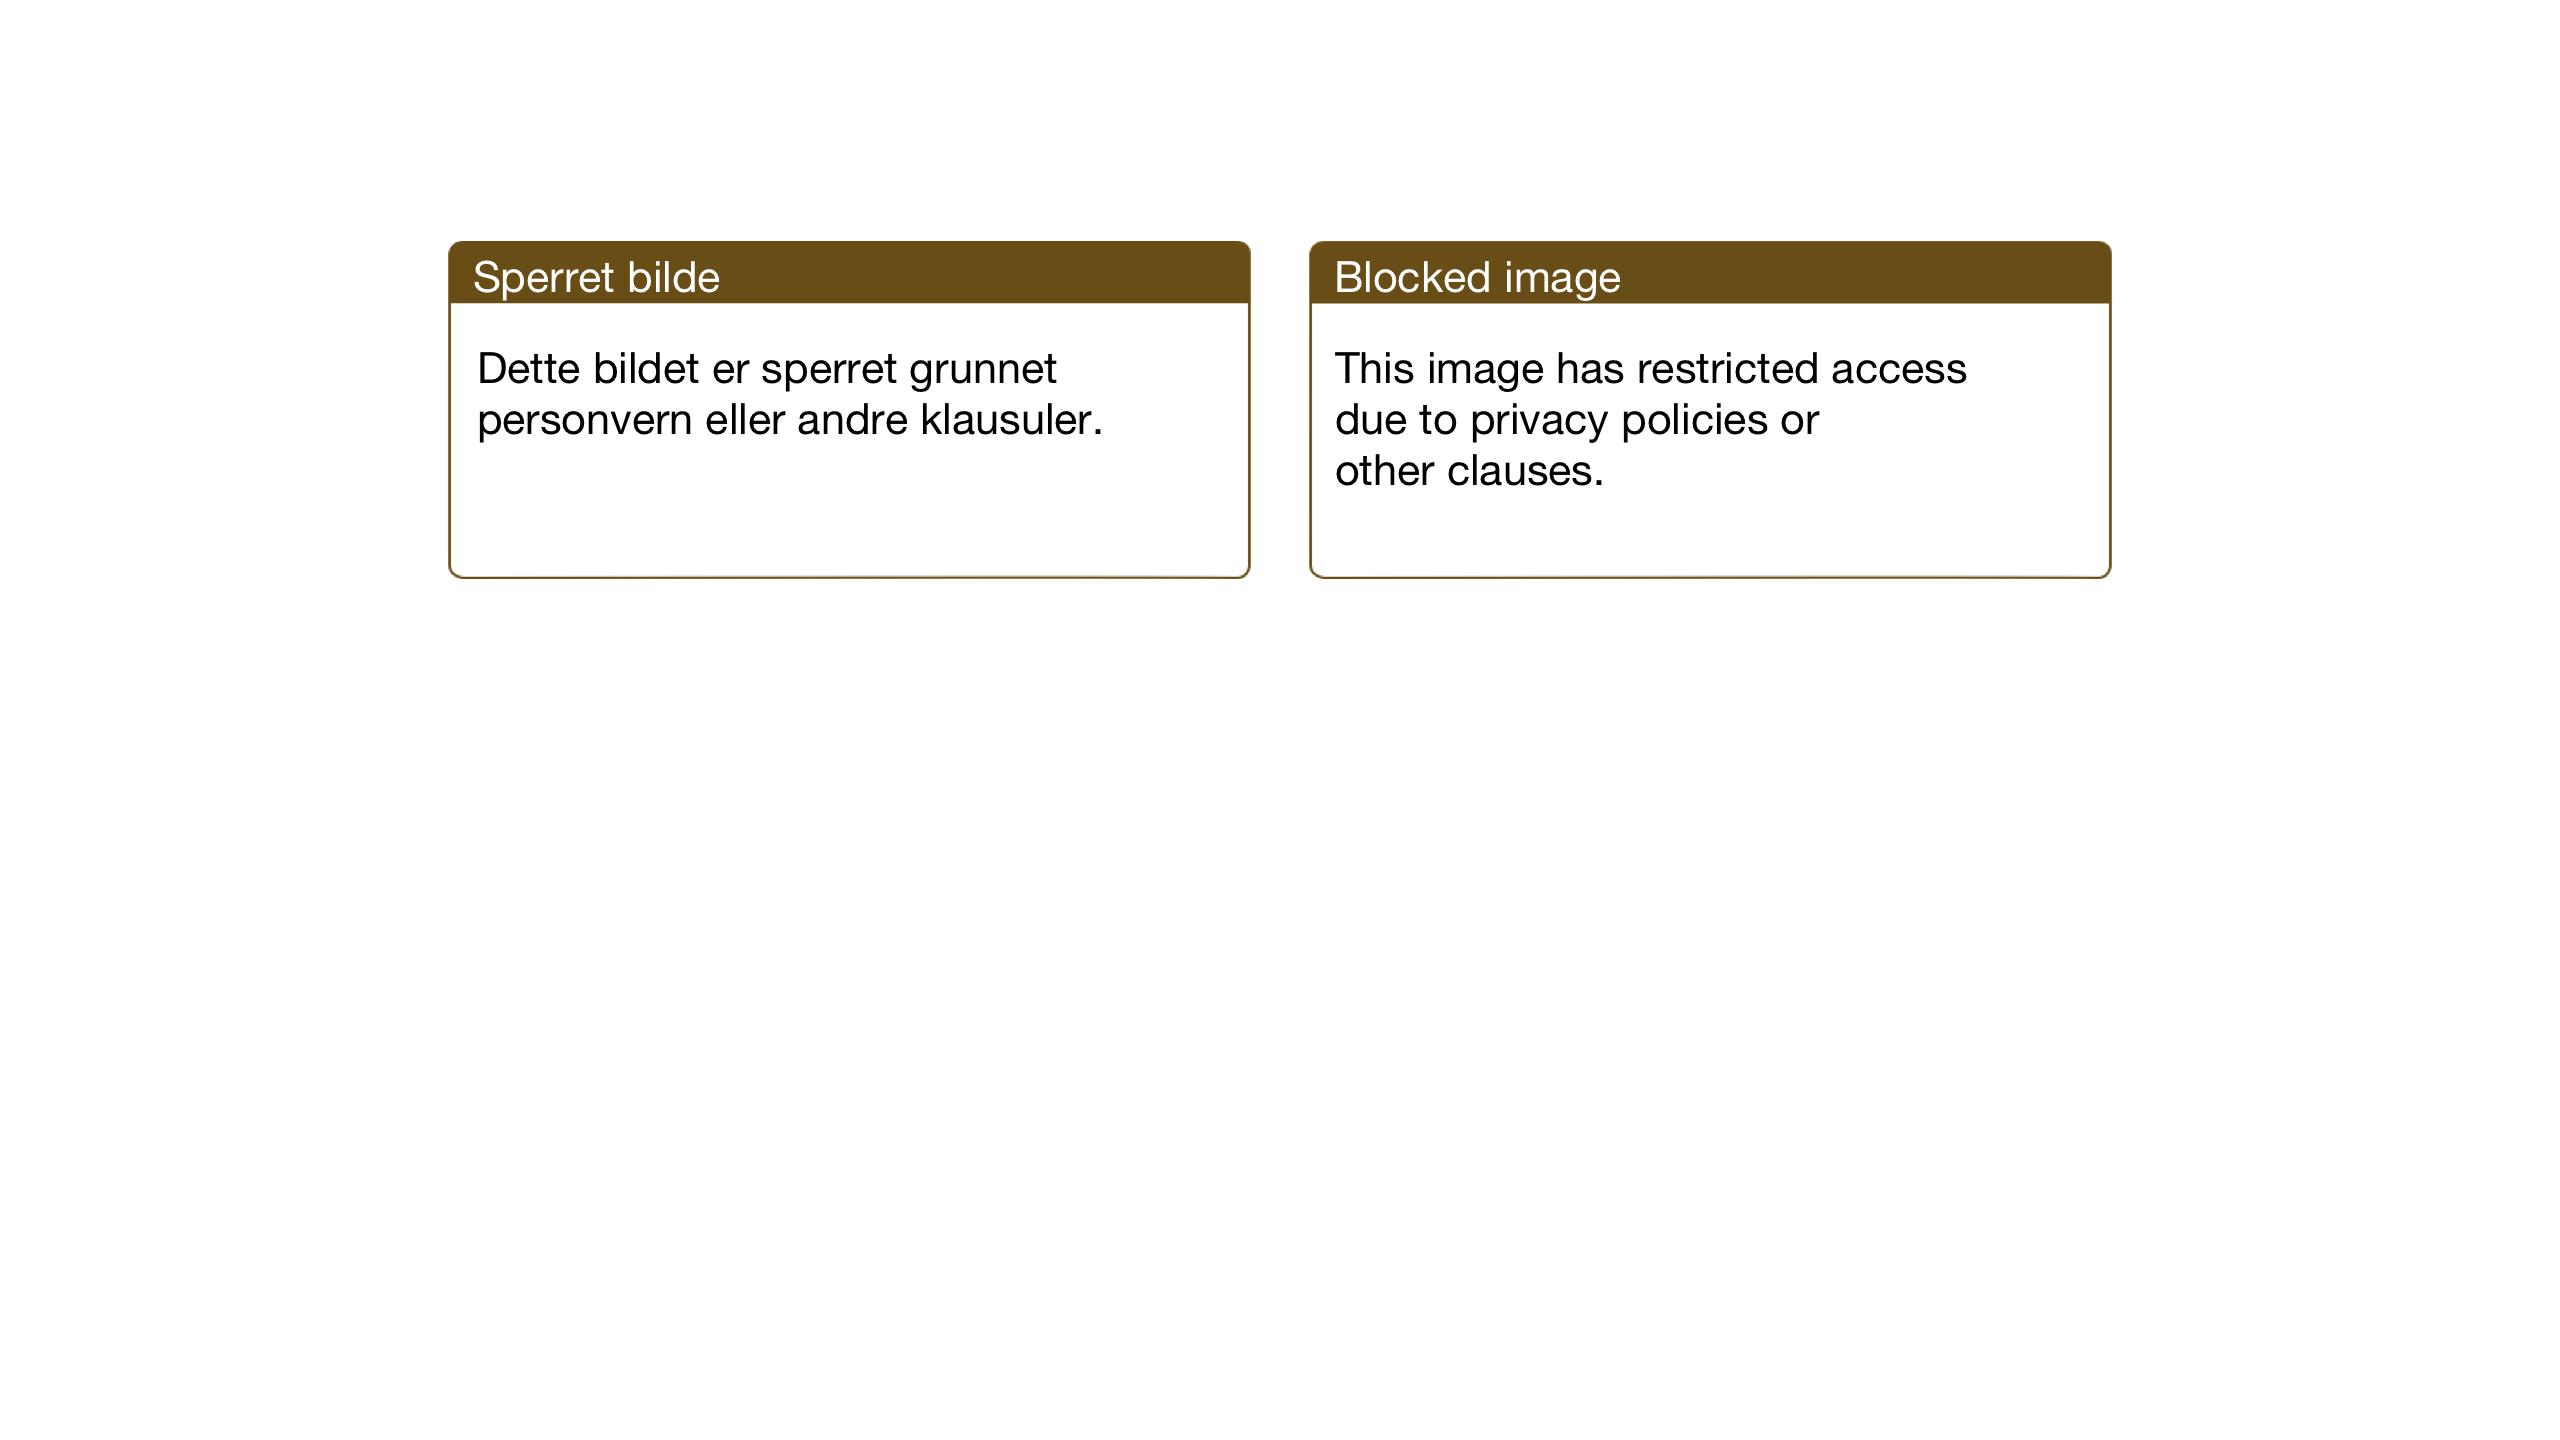 SAT, Ministerialprotokoller, klokkerbøker og fødselsregistre - Nord-Trøndelag, 774/L0631: Klokkerbok nr. 774C02, 1934-1950, s. 145